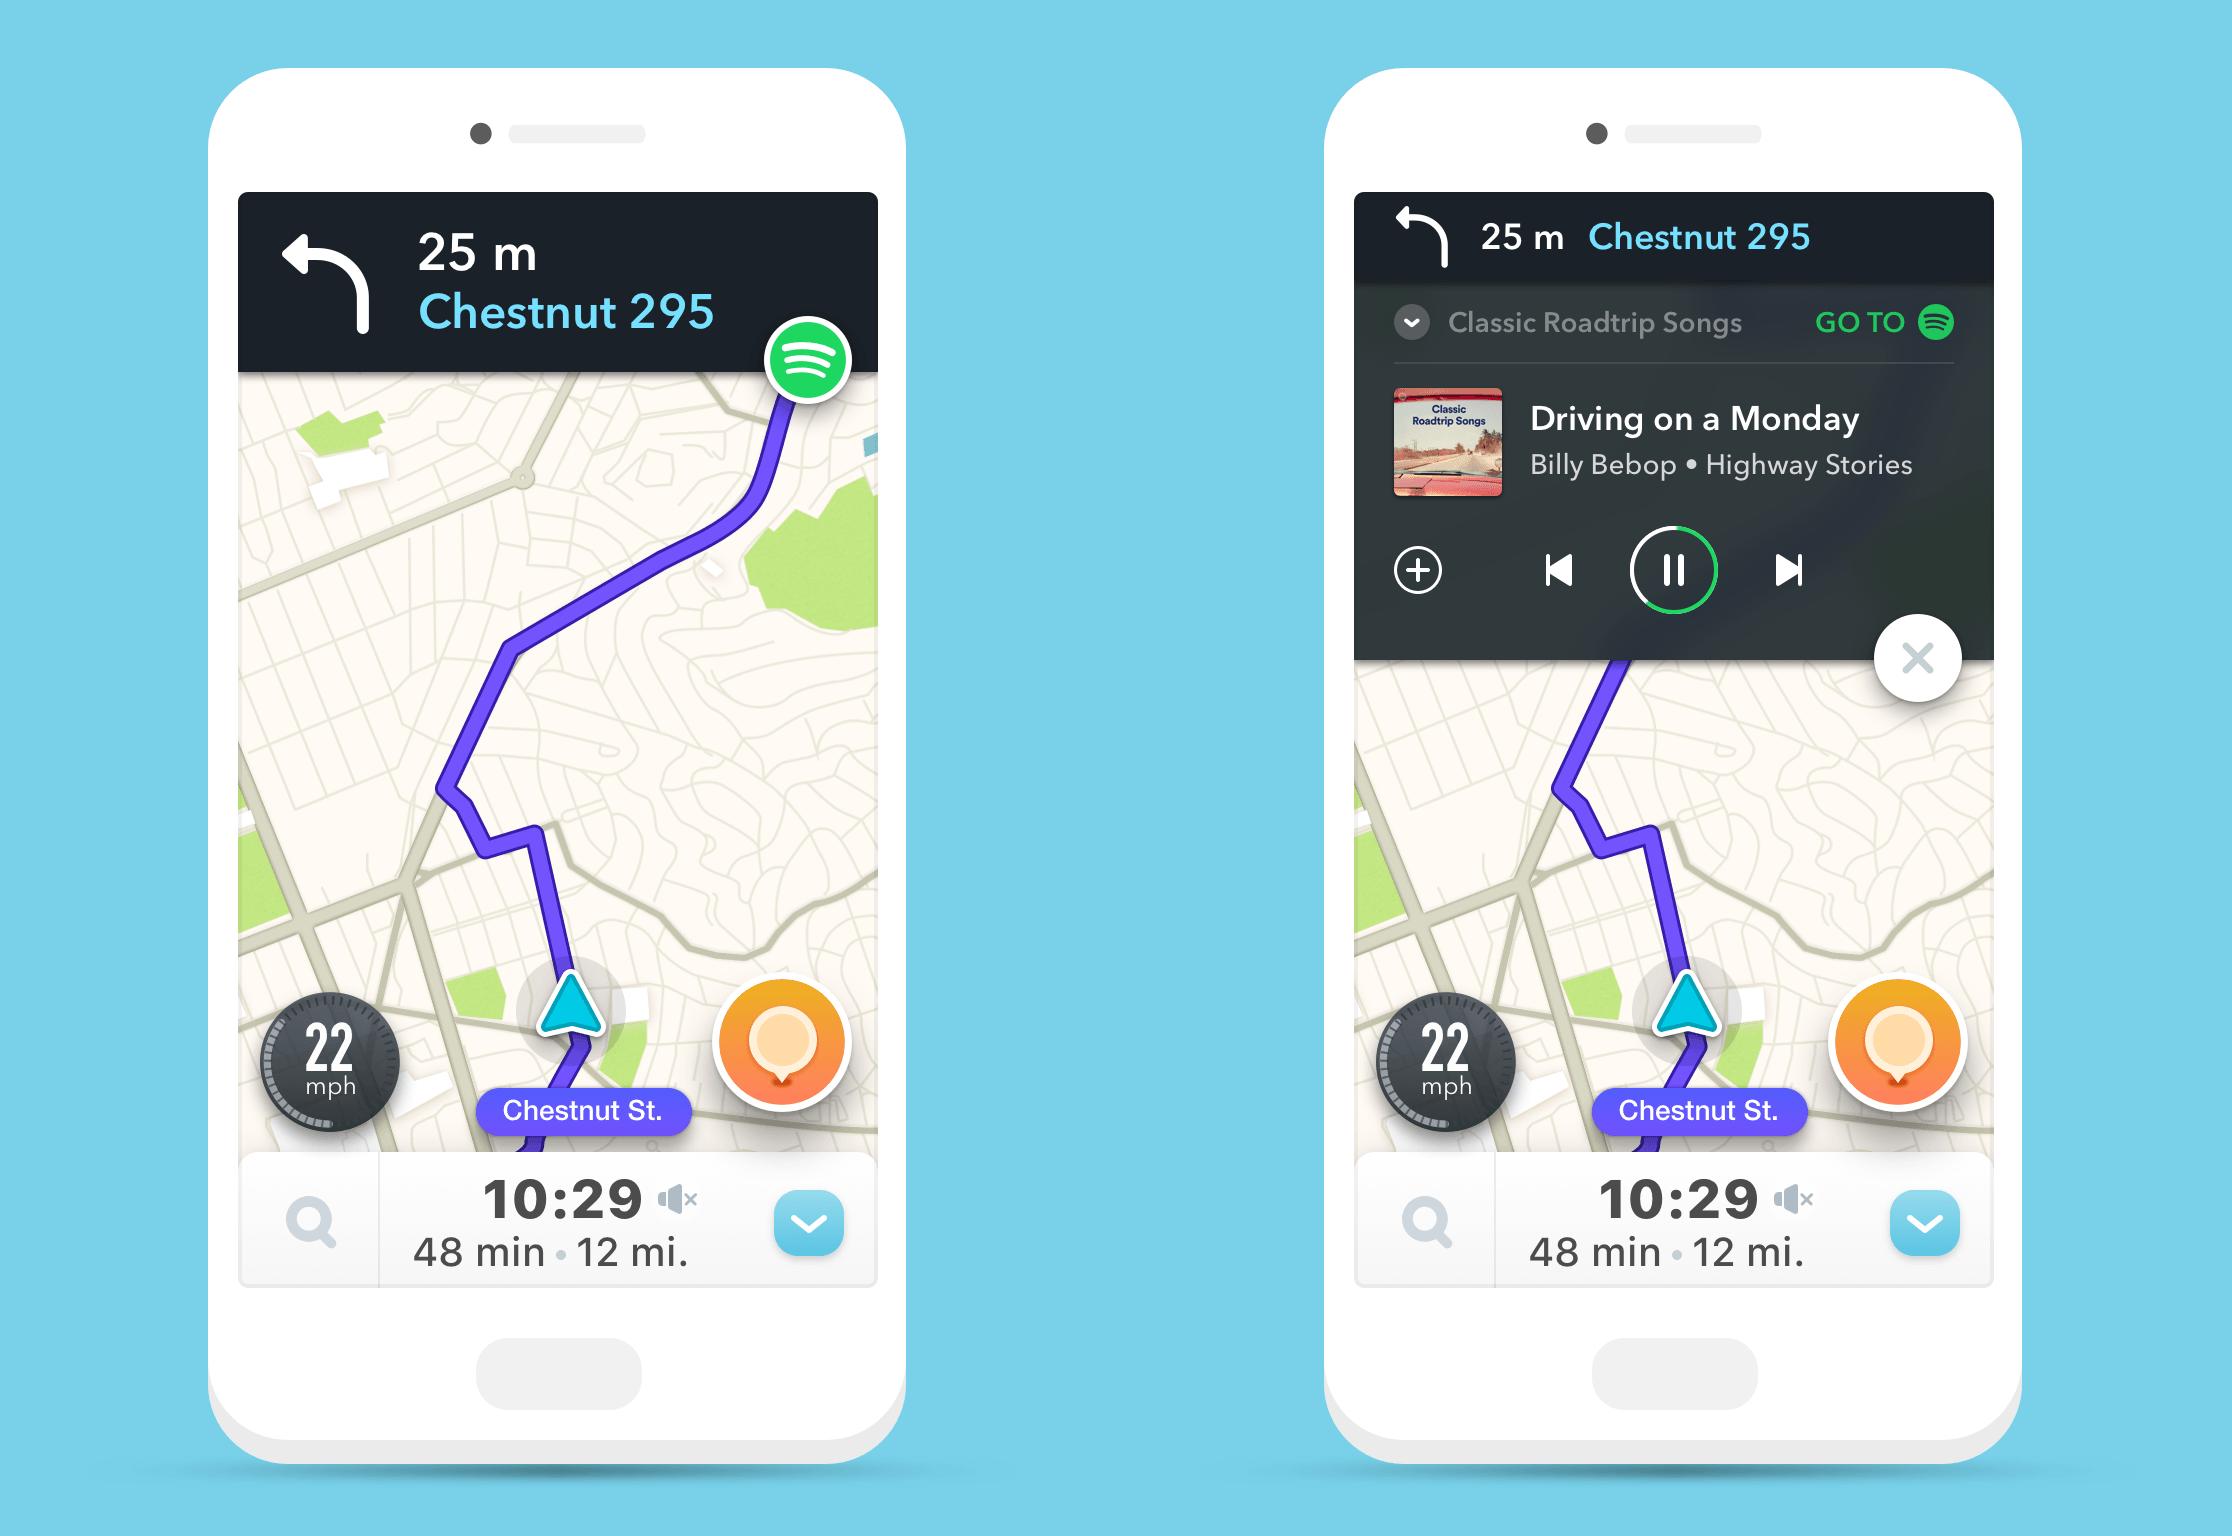 Conduisez sereinement : Waze et Spotify s'intègrent mutuellement